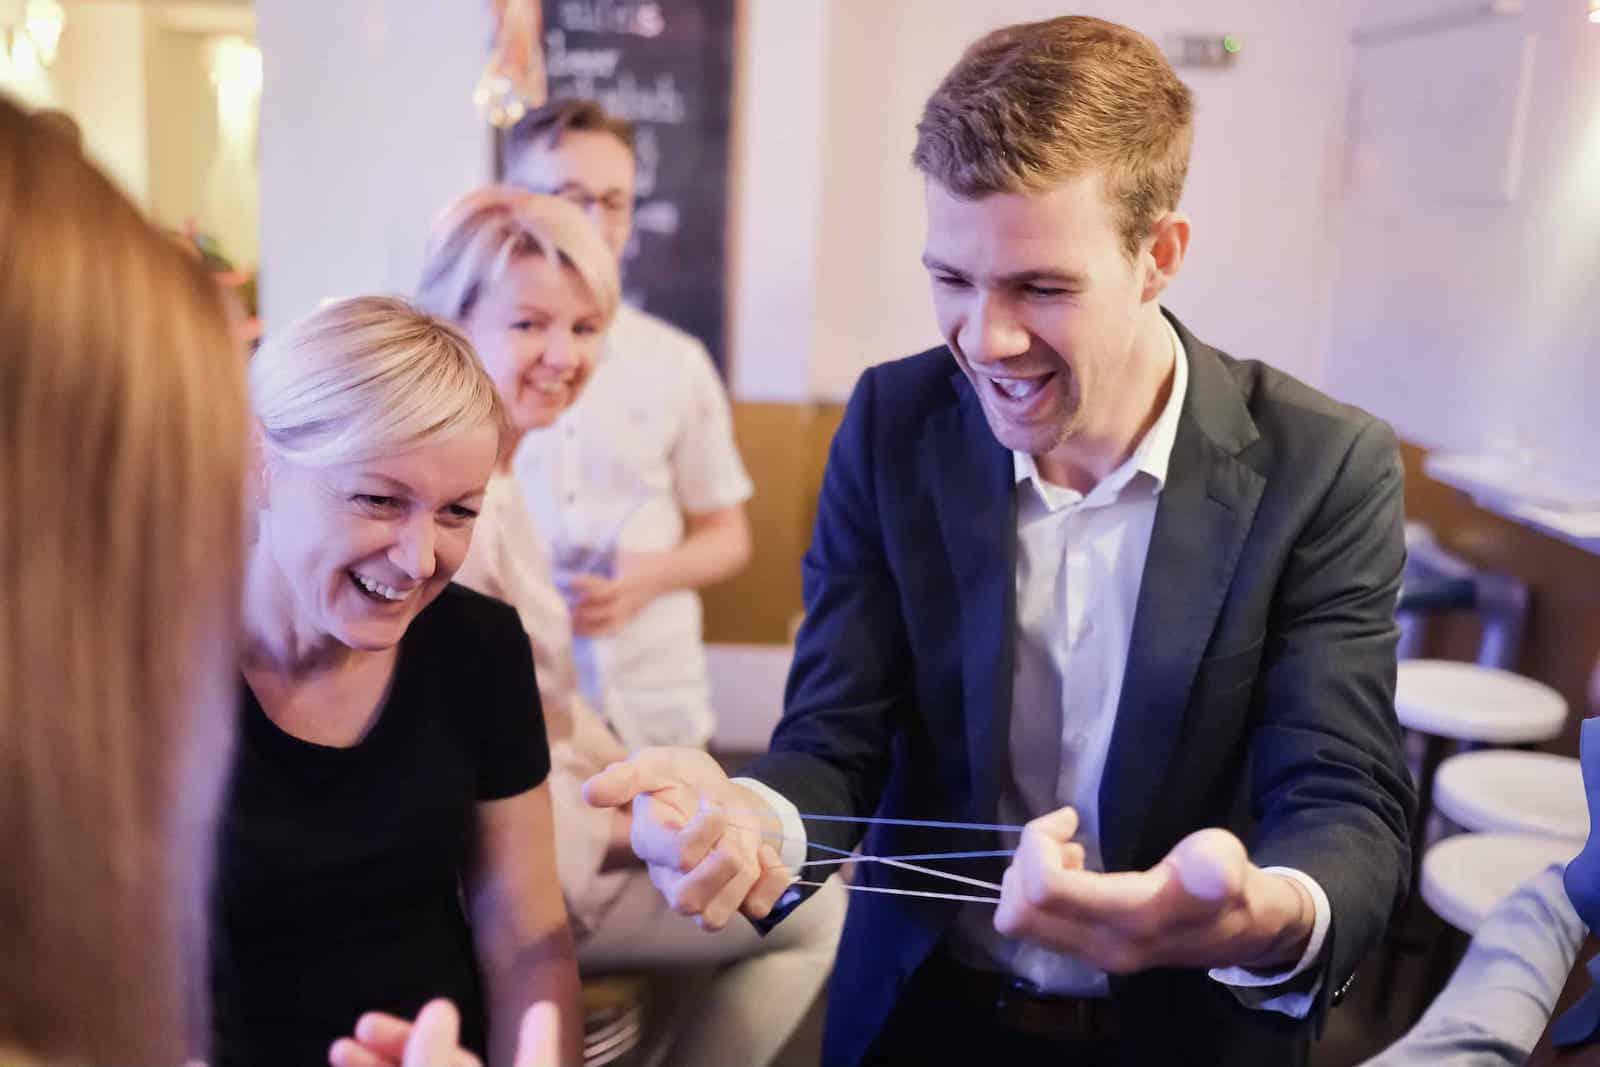 Zauberer NRW mit Publikum beim zaubern